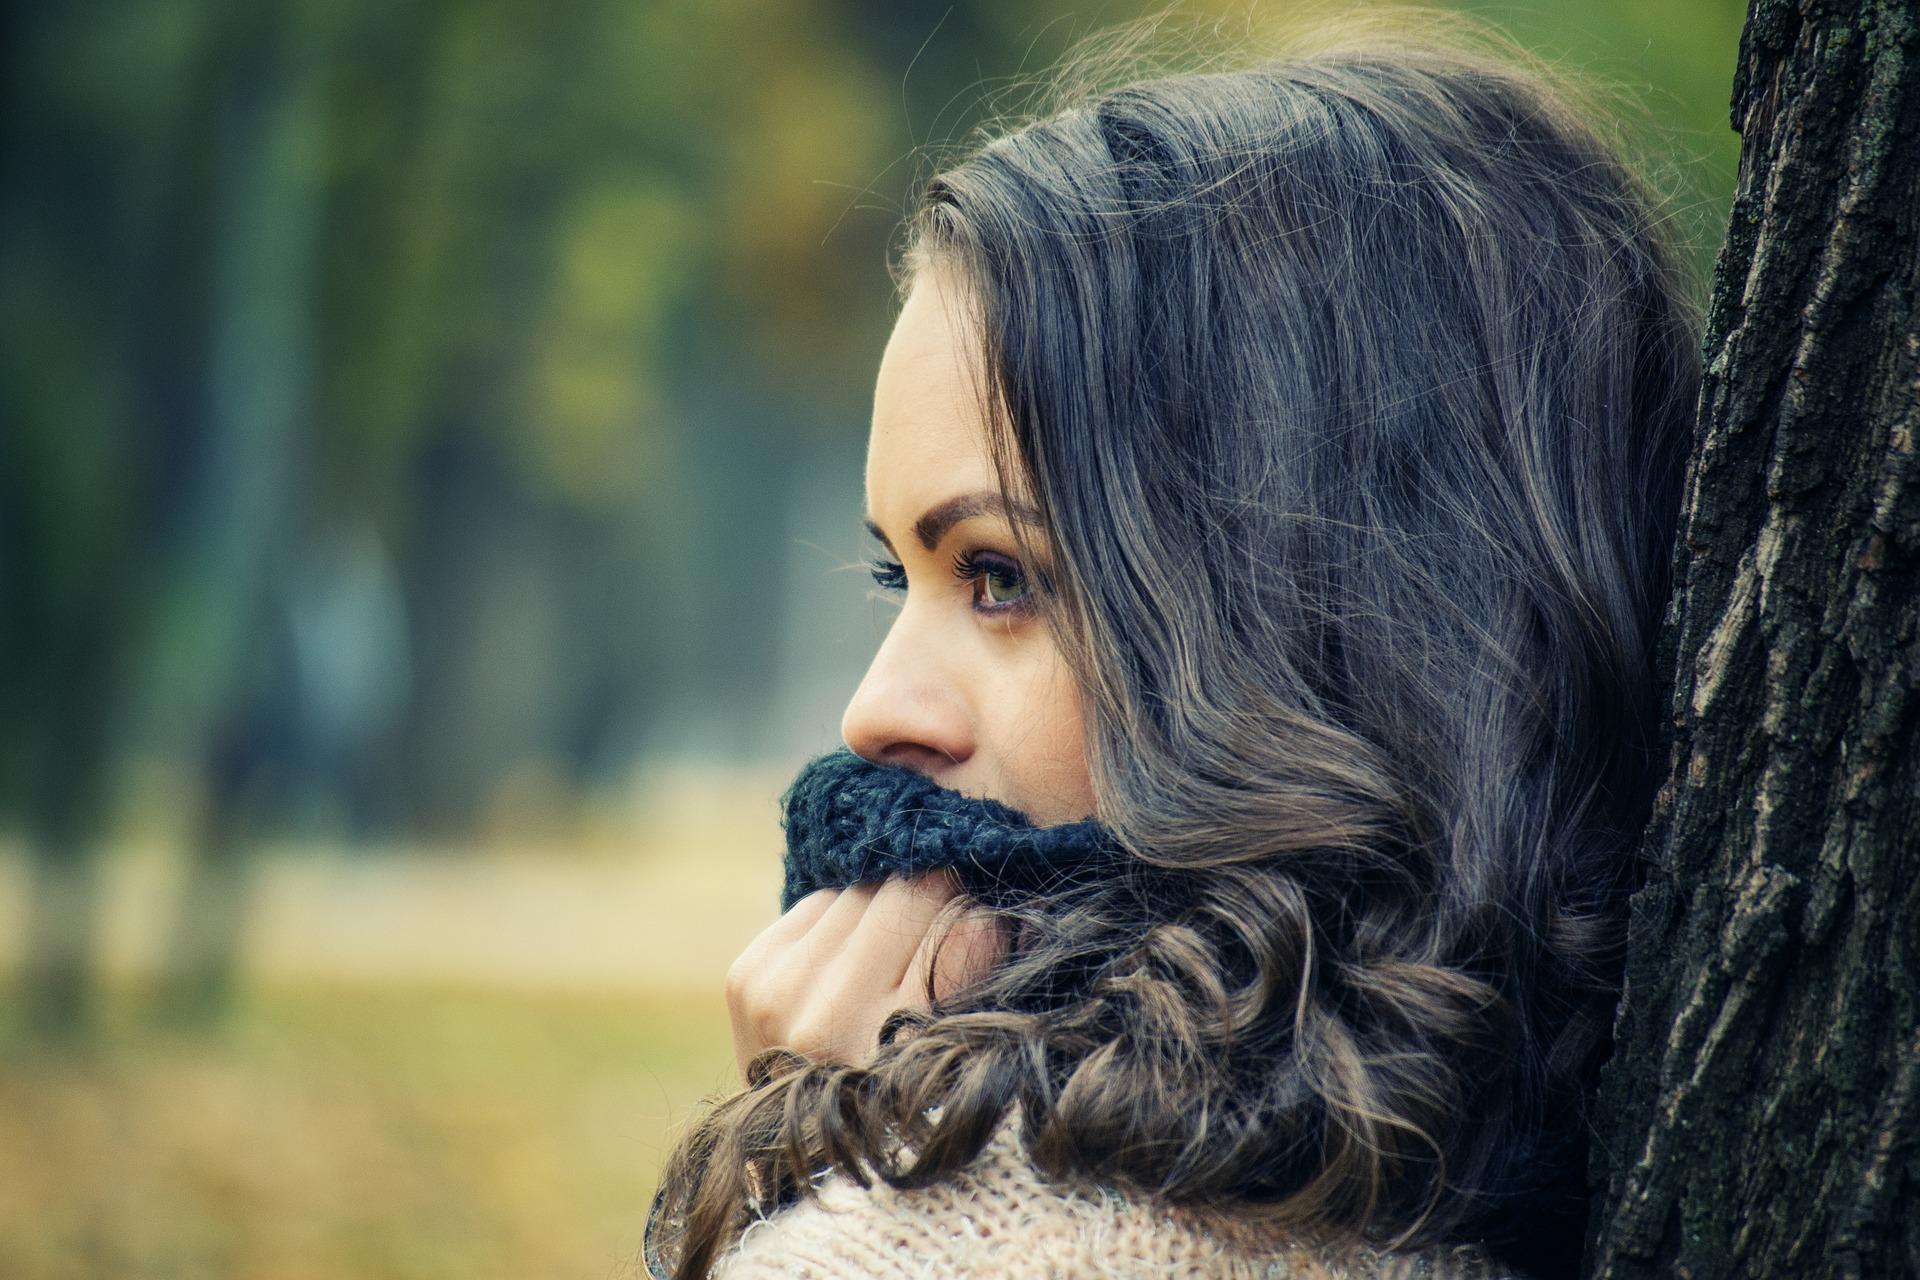 girl-looking-away-1995624_1920.jpg